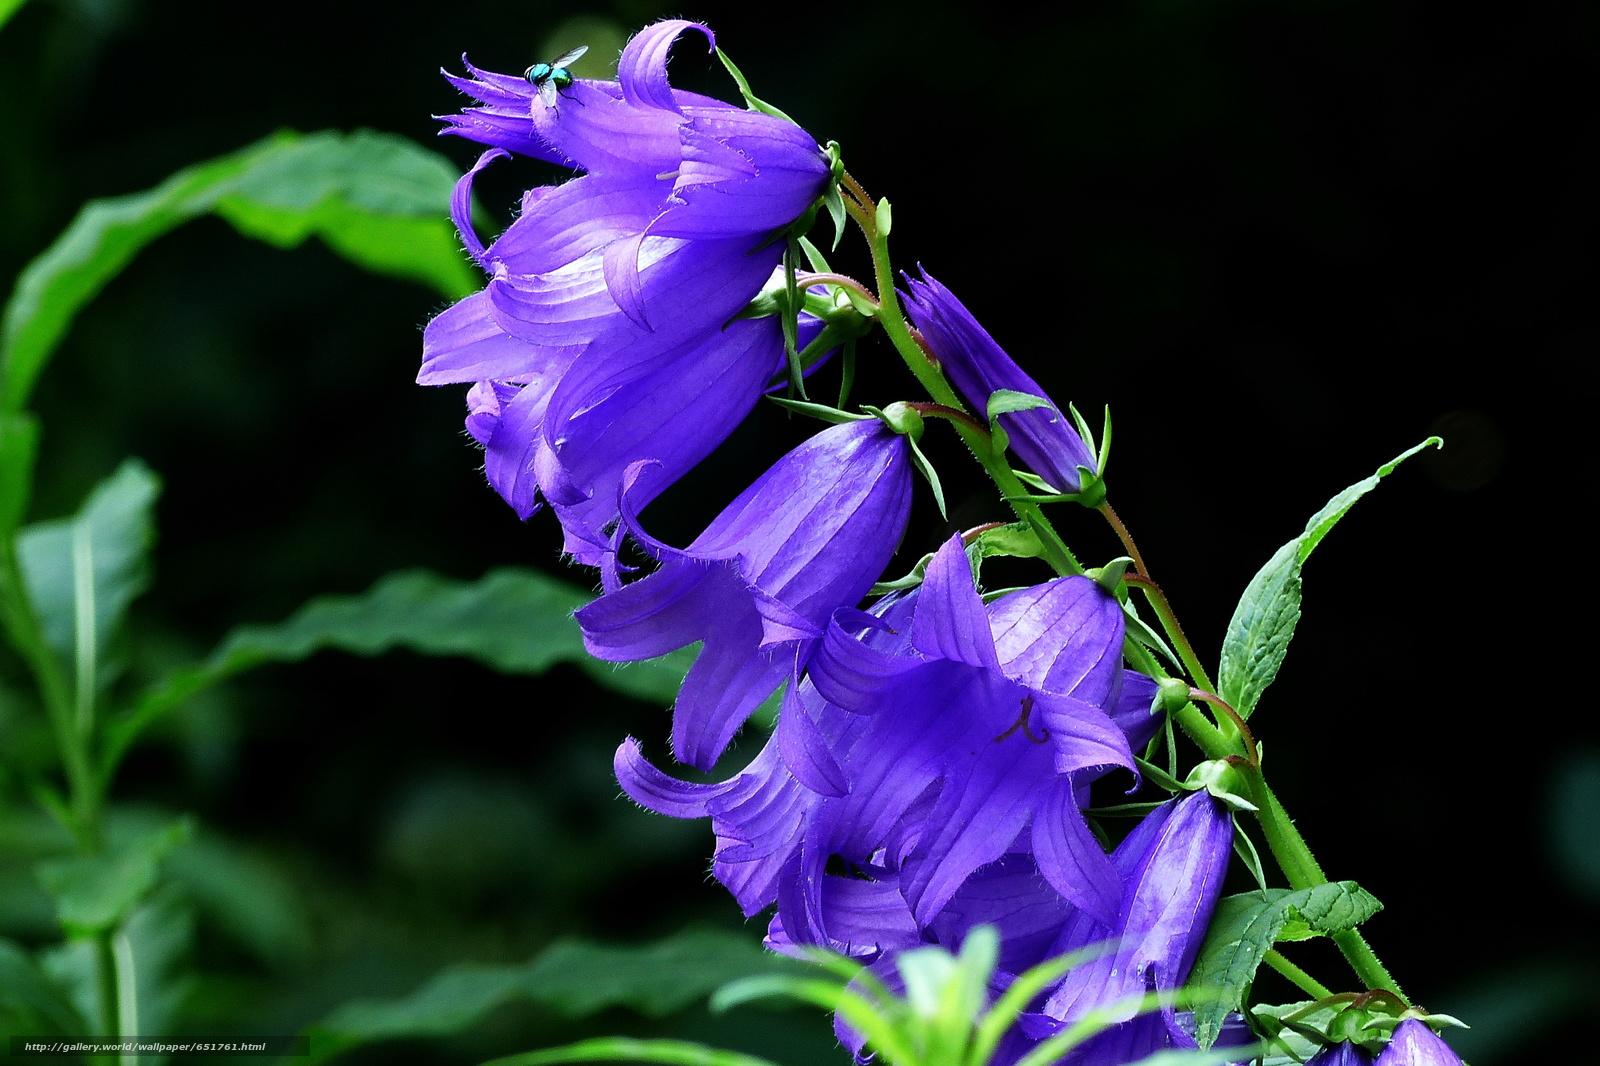 Скачать обои колокольчики,  цветы,  флора бесплатно для рабочего стола в разрешении 2048x1365 — картинка №651761